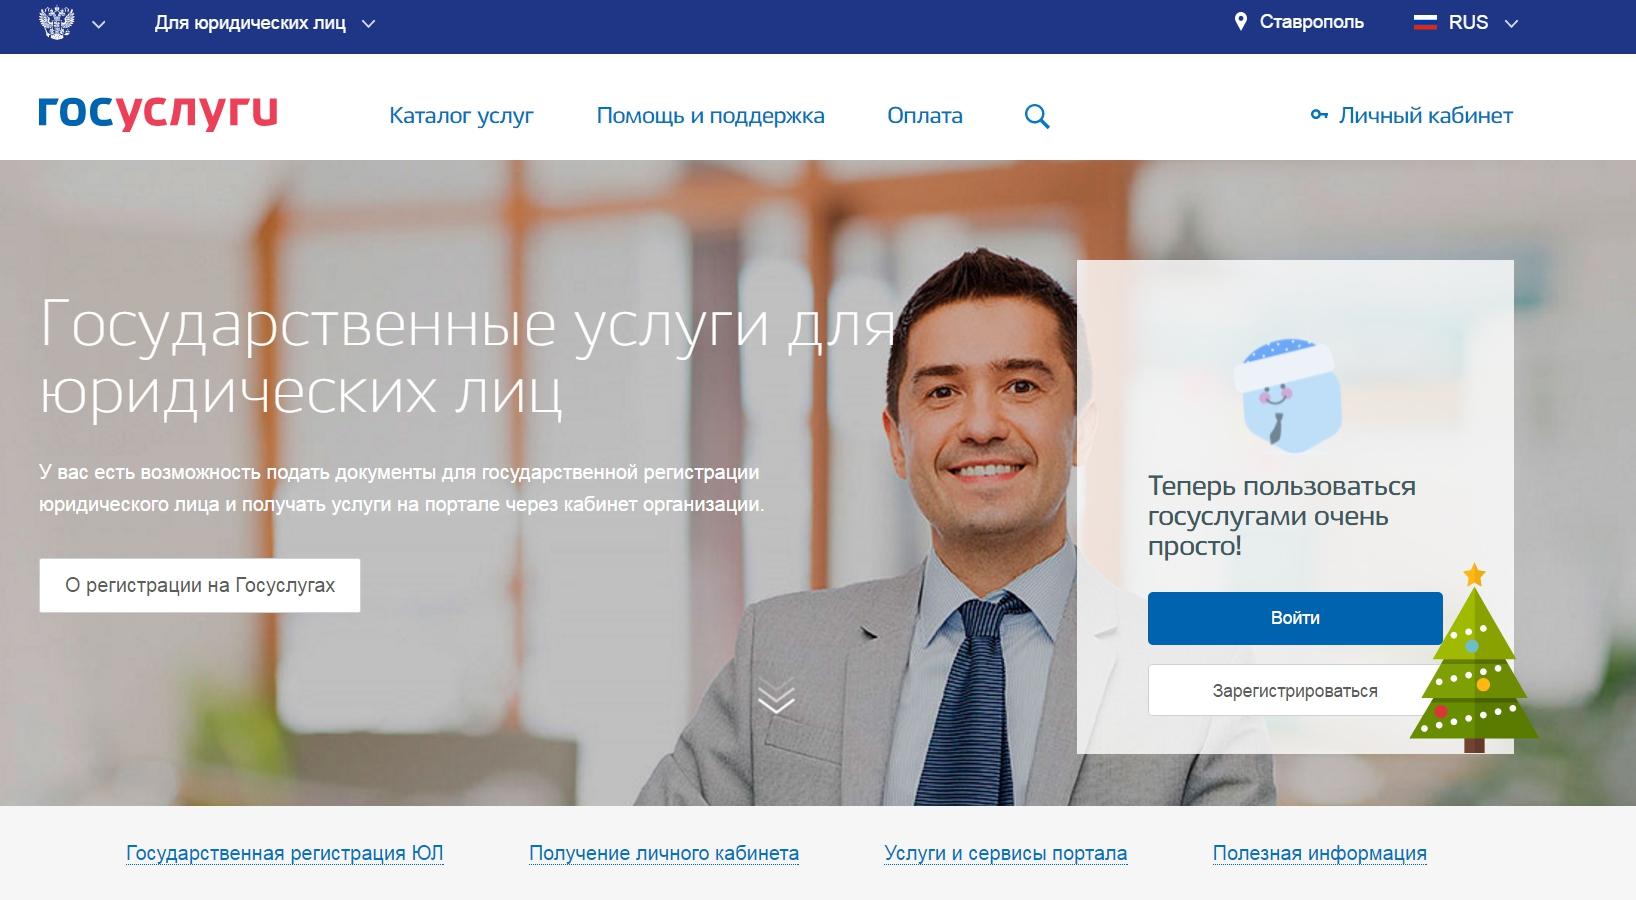 Преимущества регистрации юридического лица онлайн